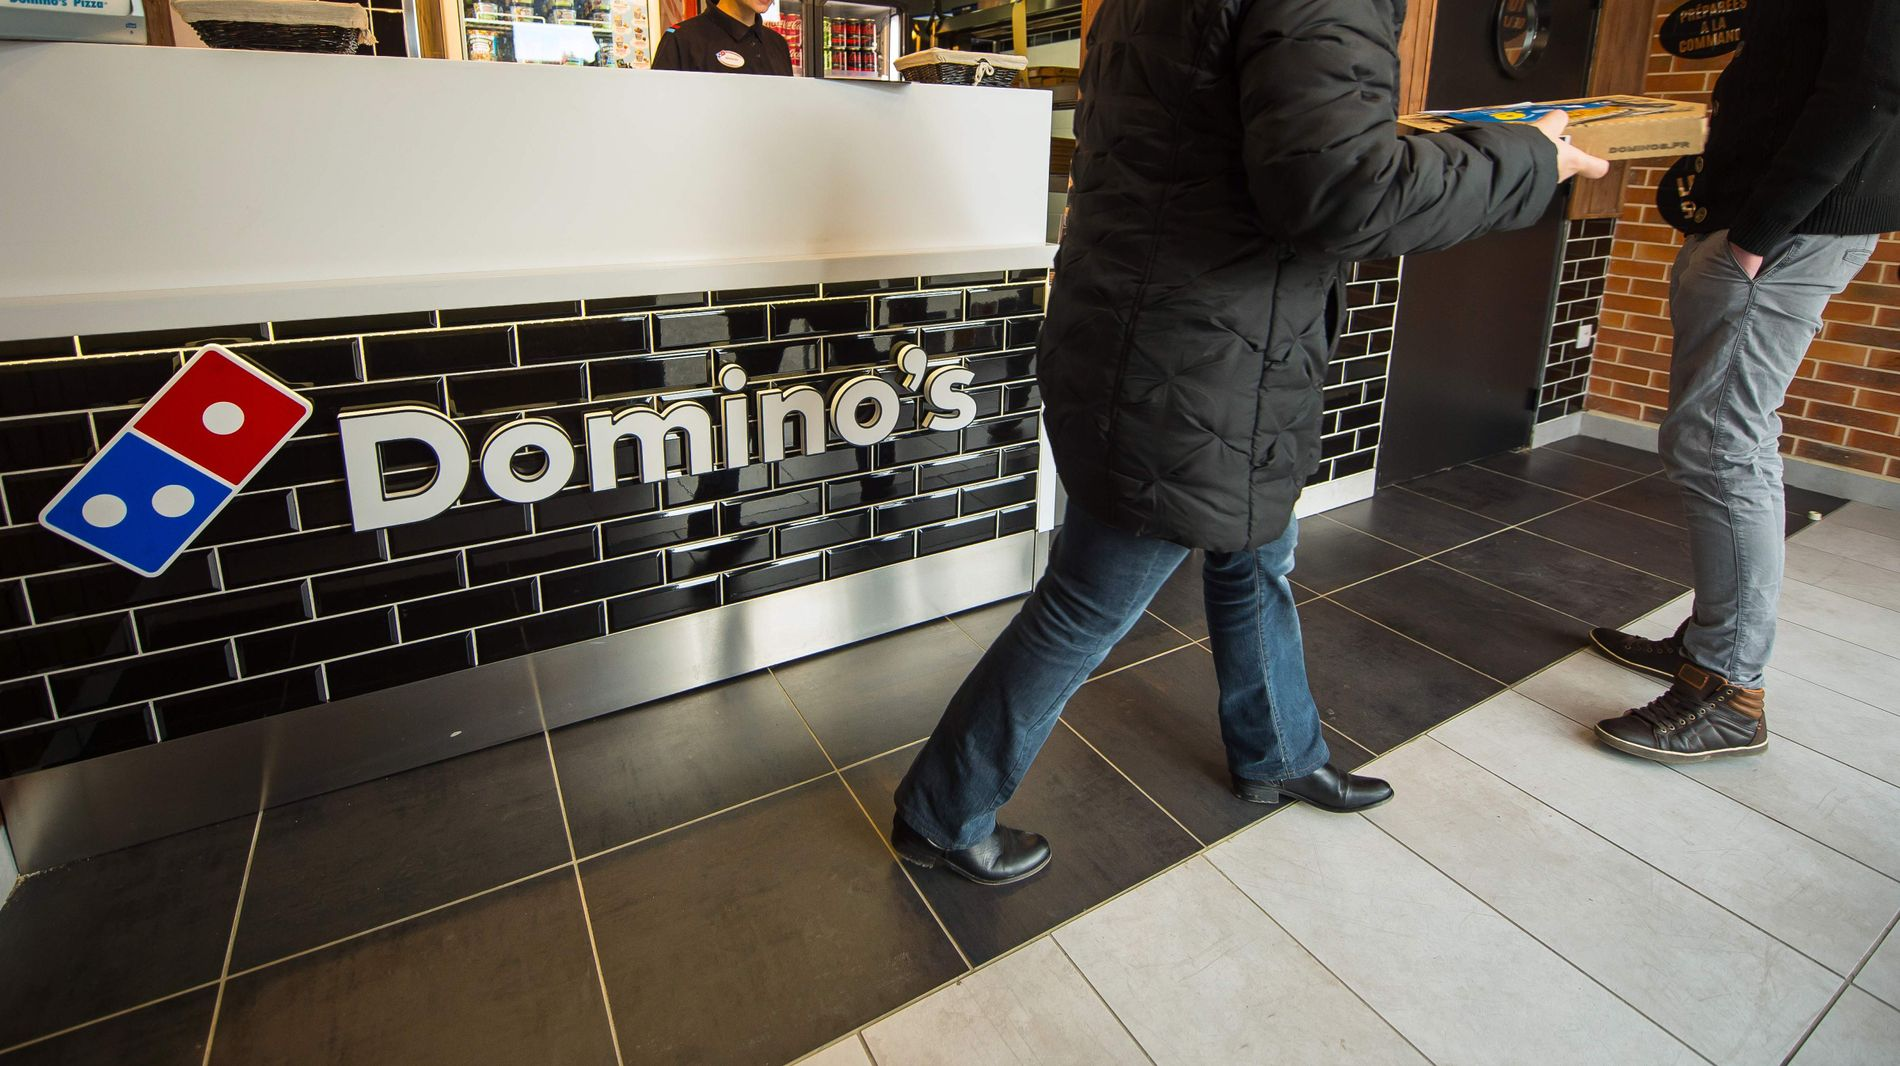 PIZZAKJEMPE: Domino's eier til sammen 57 restauranter i Norge, hvor av ti av dem er Dolly Dimples-utsalgssteder. Til sammen den London-baserte delen av Domino's 1.272 restauranter i Europa.